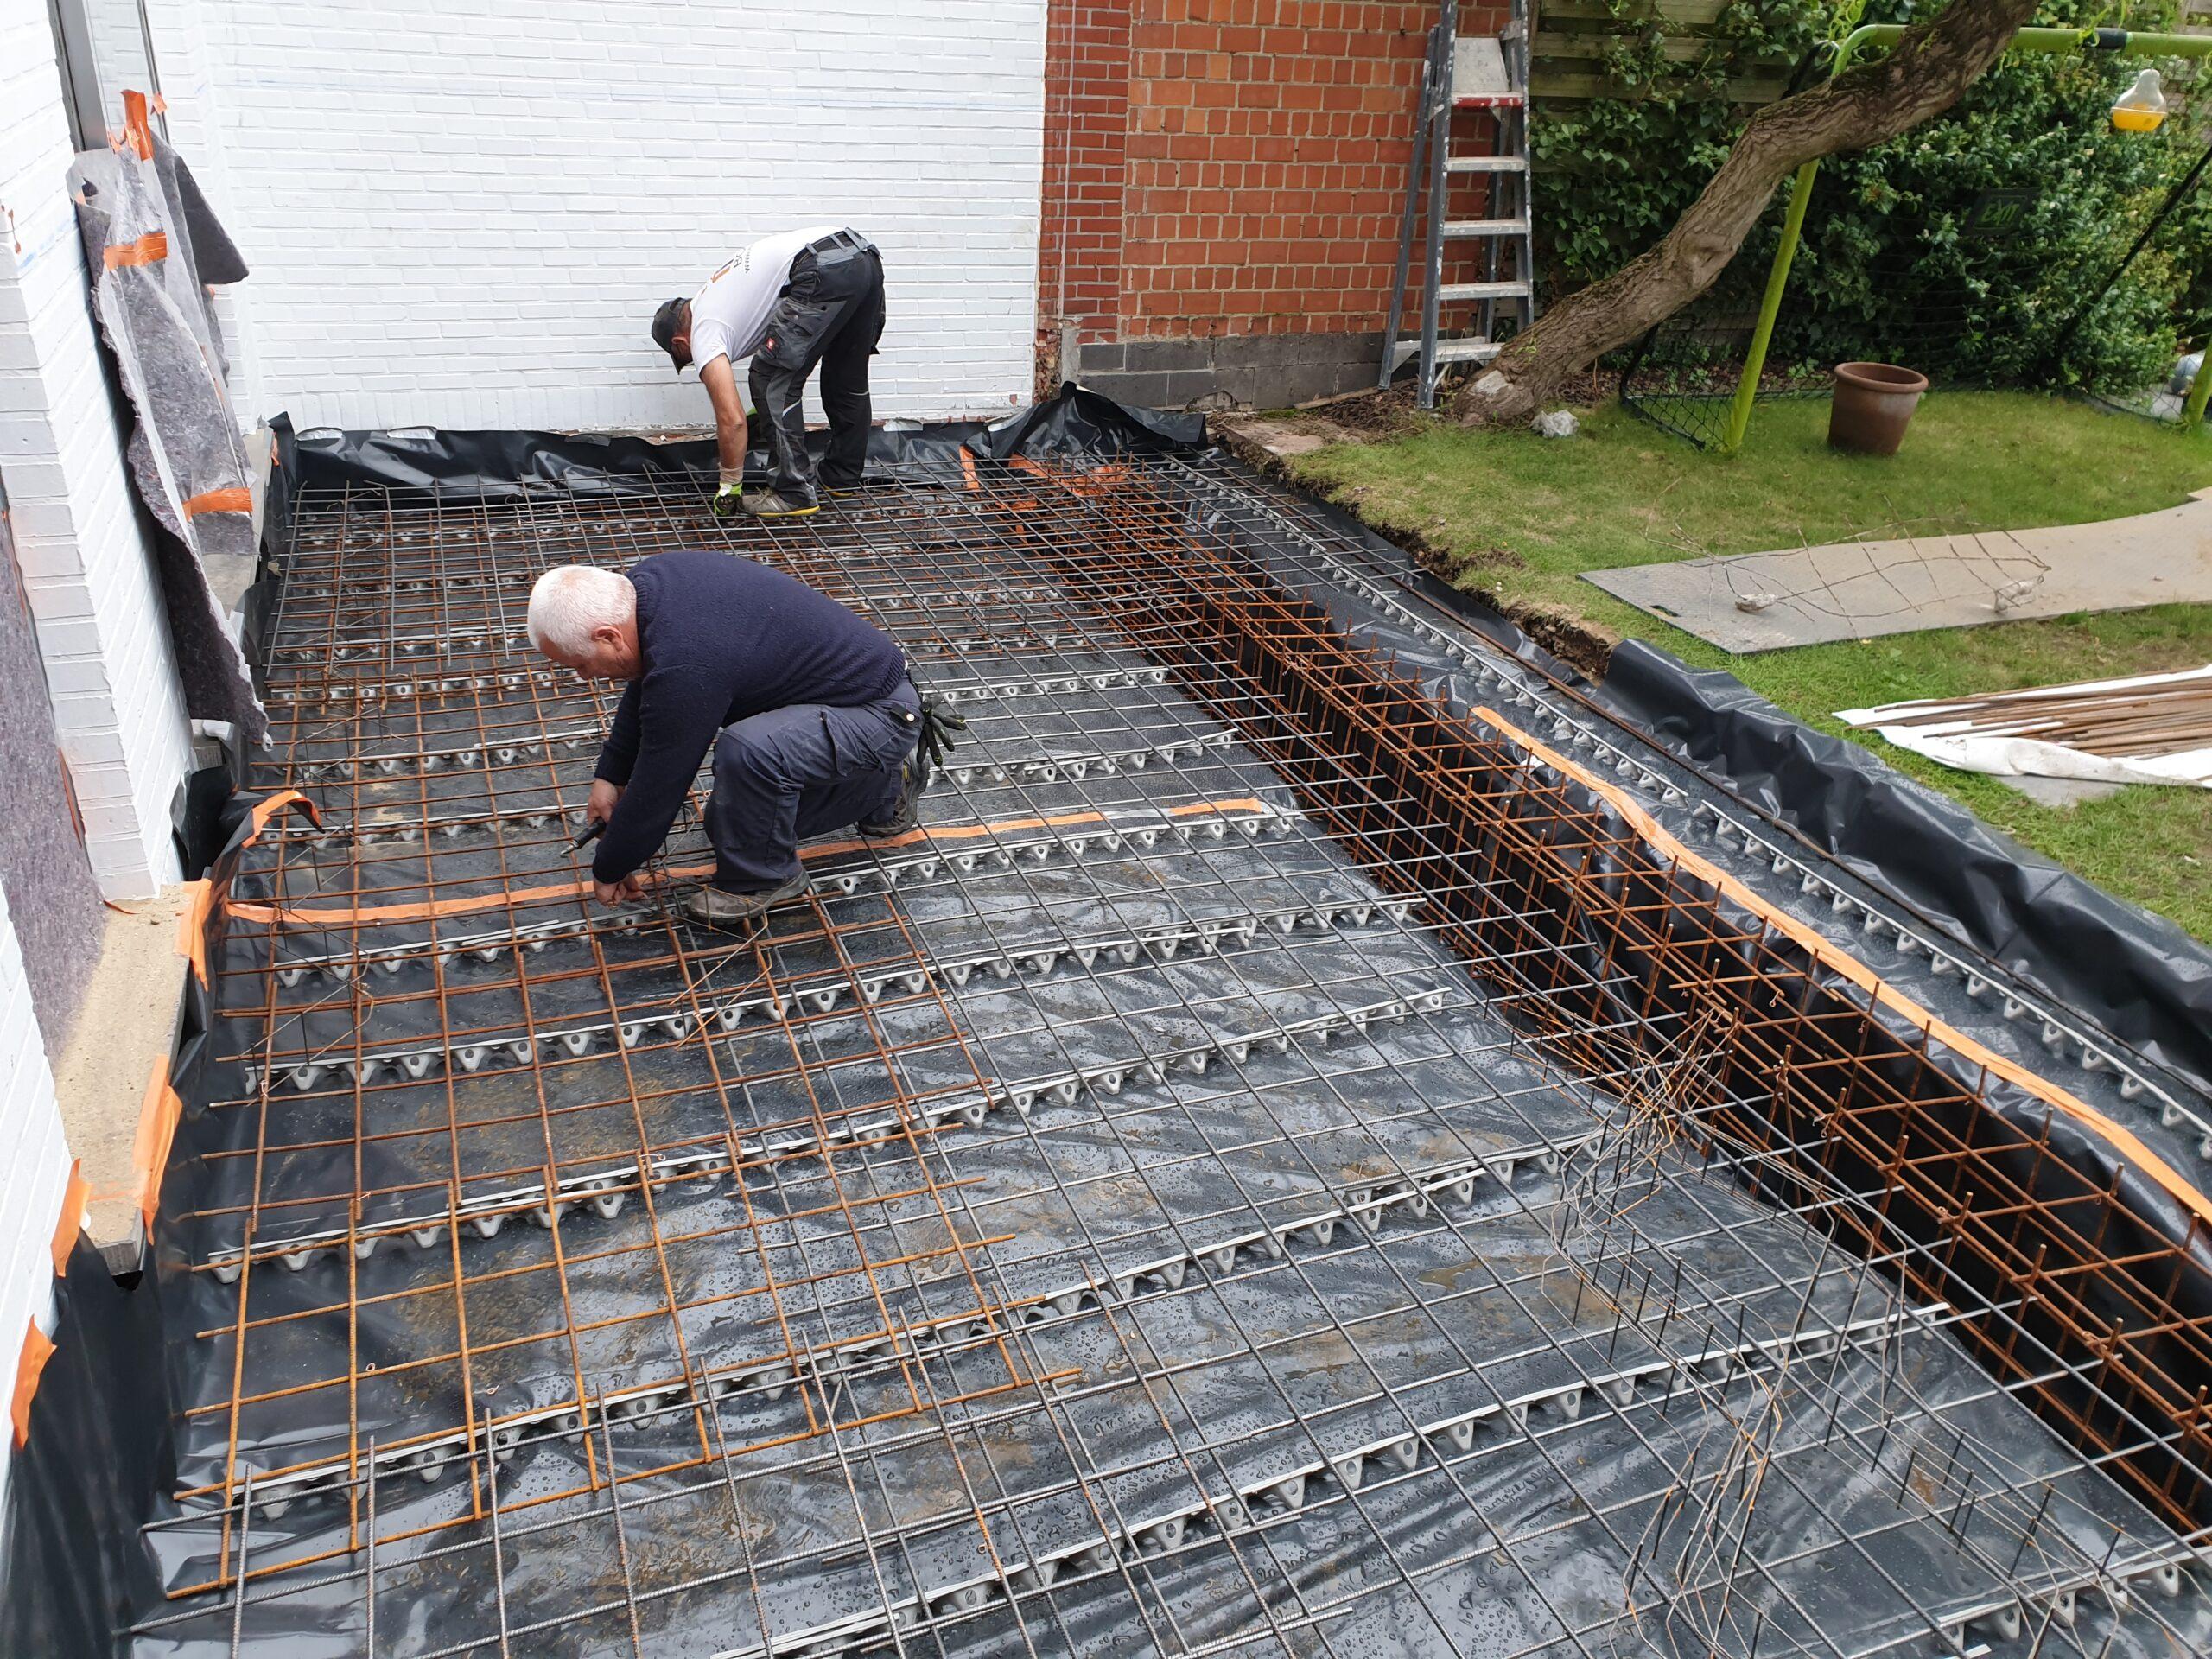 Aanbouw, uitbouw, - Aannemer verbouwingen en renovaties - Entrepreneur transformations et rénovations